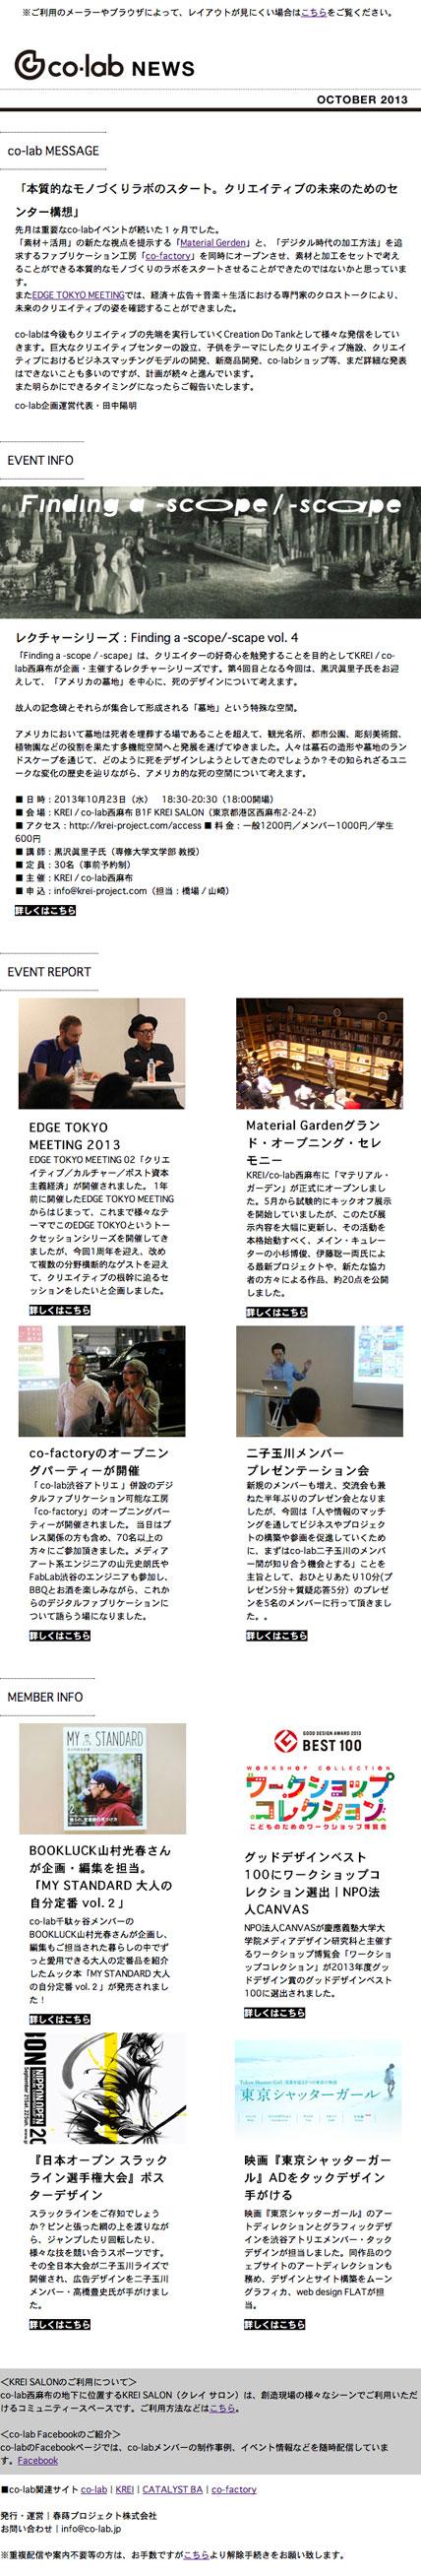 画像:co-lab NEWS OCTOBER 2013